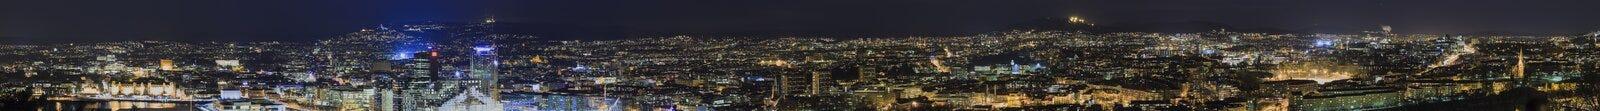 Nachtpanorama von Oslo lizenzfreie stockbilder